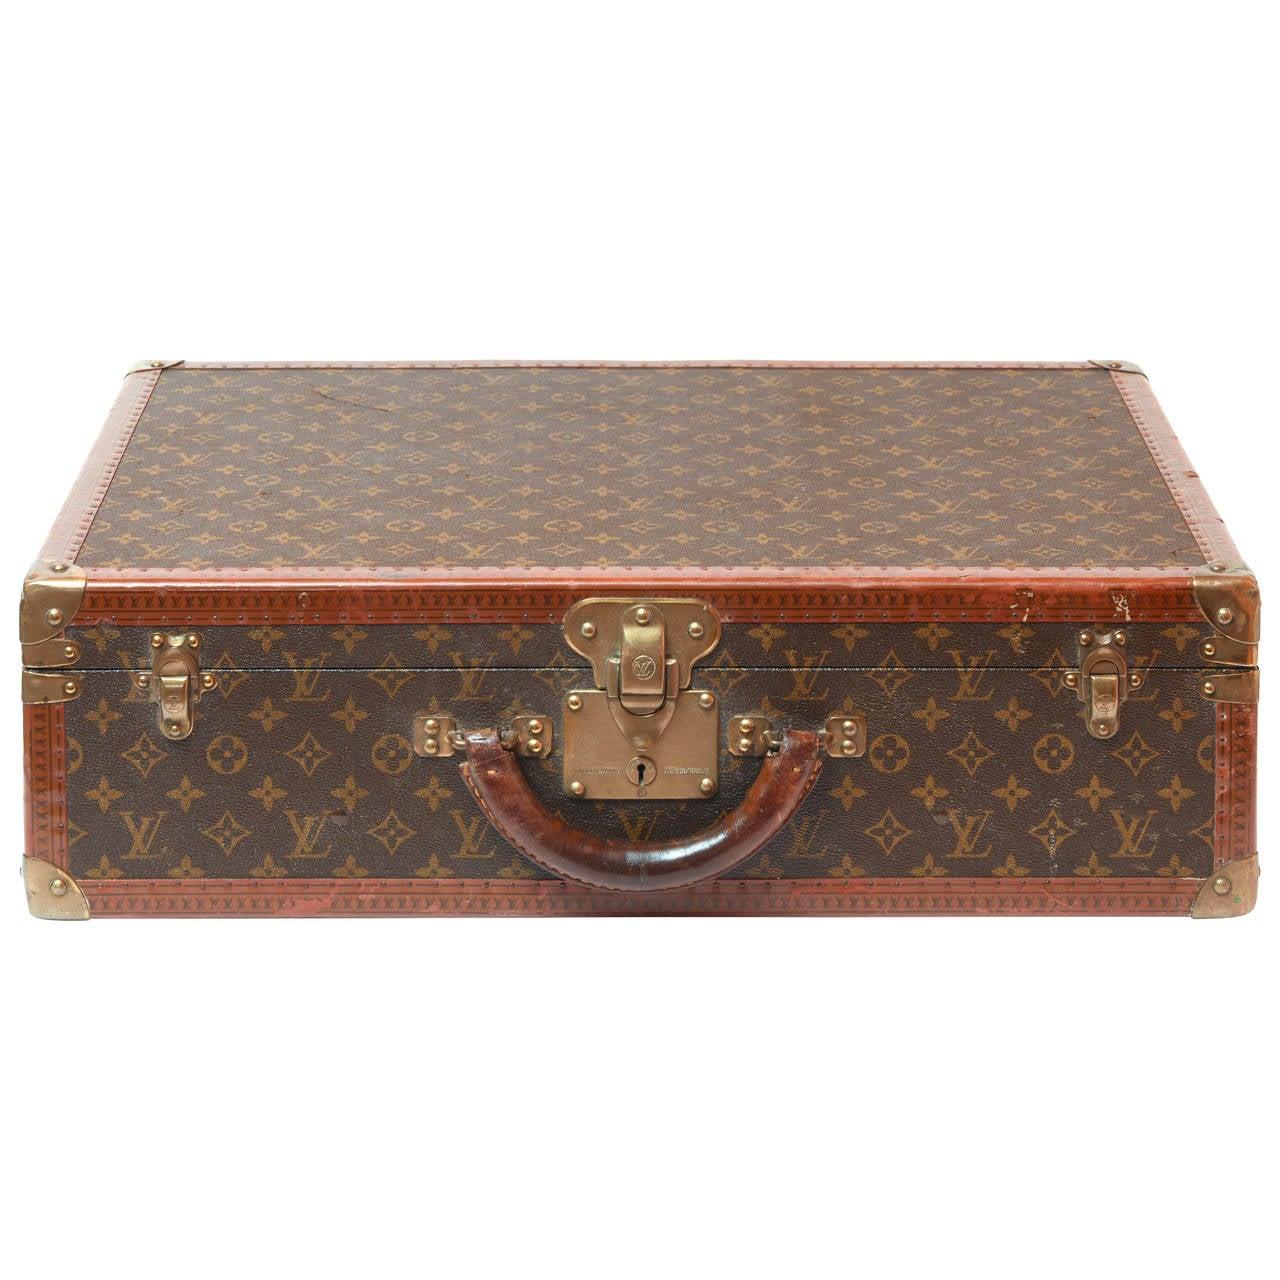 Louis Vuitton Monogram Suitcase At 1stdibs